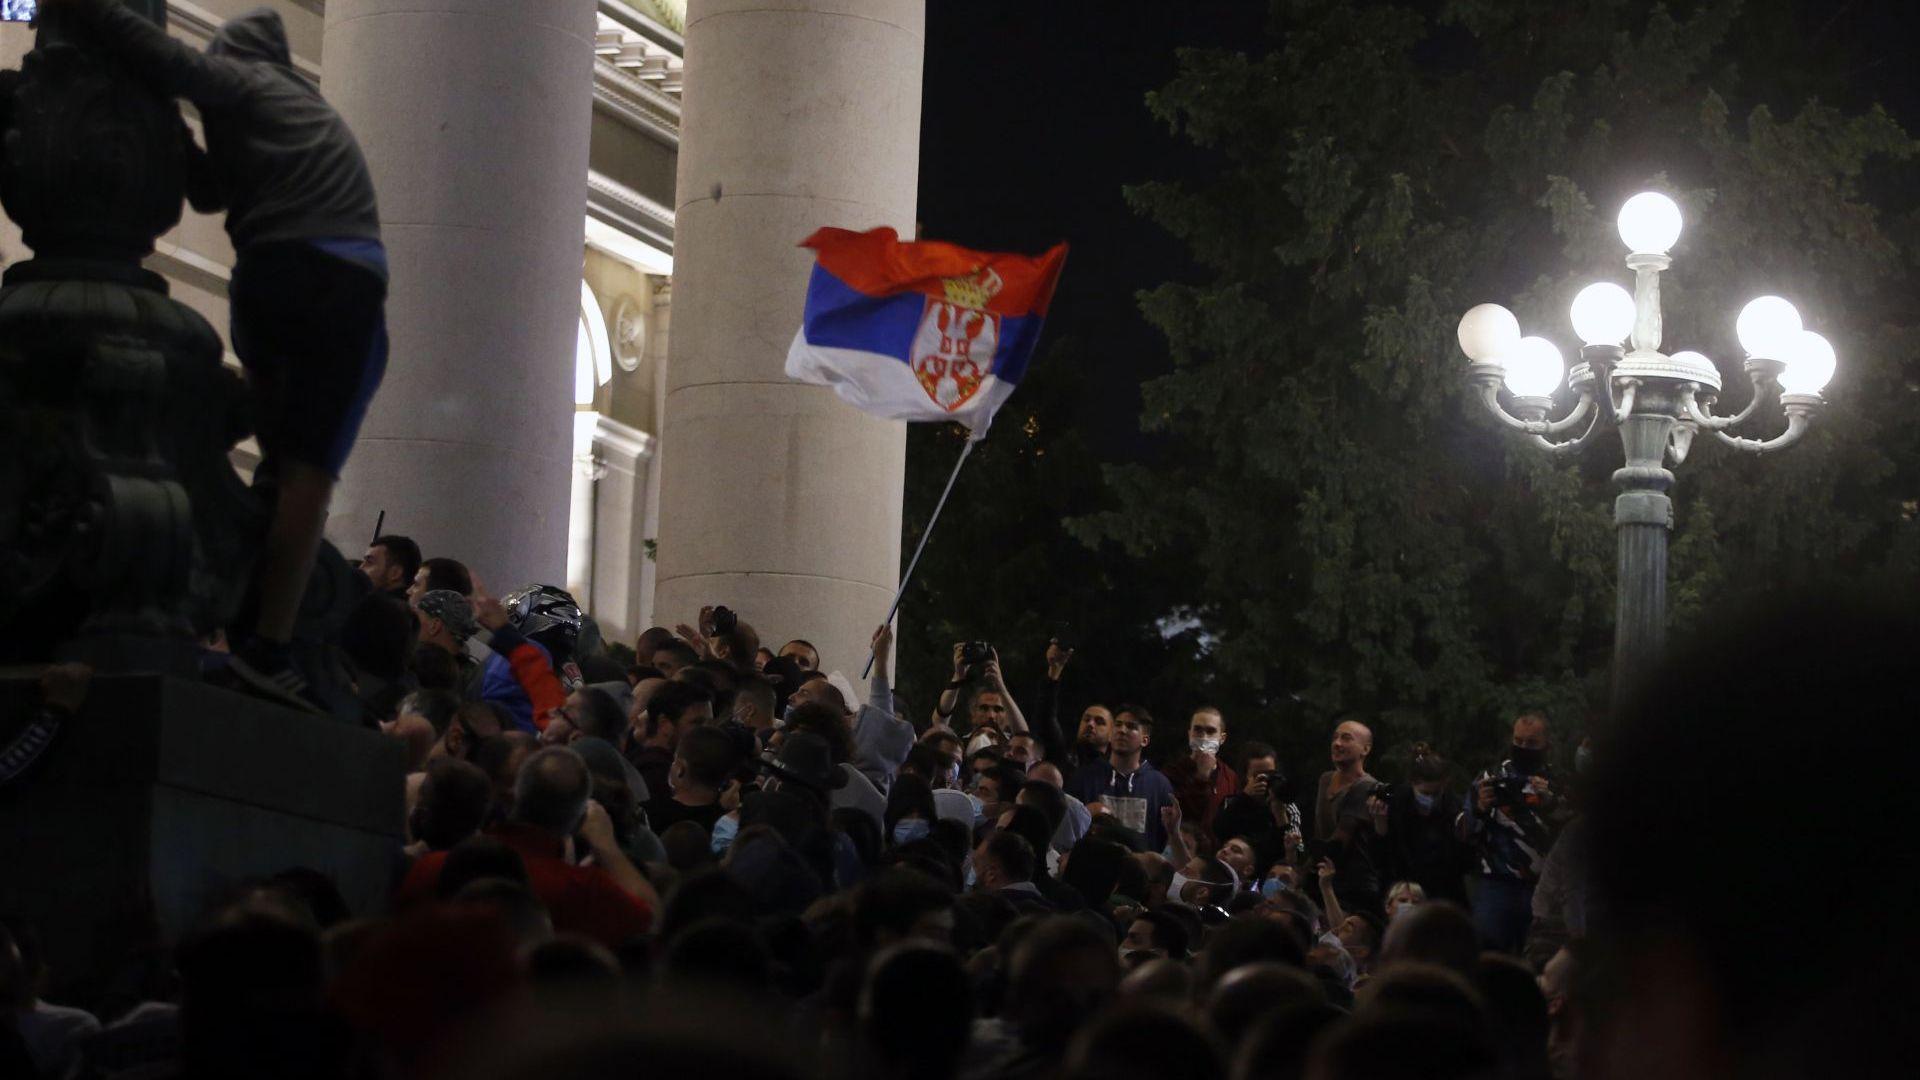 Протестиращи сърби нахлуха в парламента, полицията използва сълзотворен газ (видео и снимки)